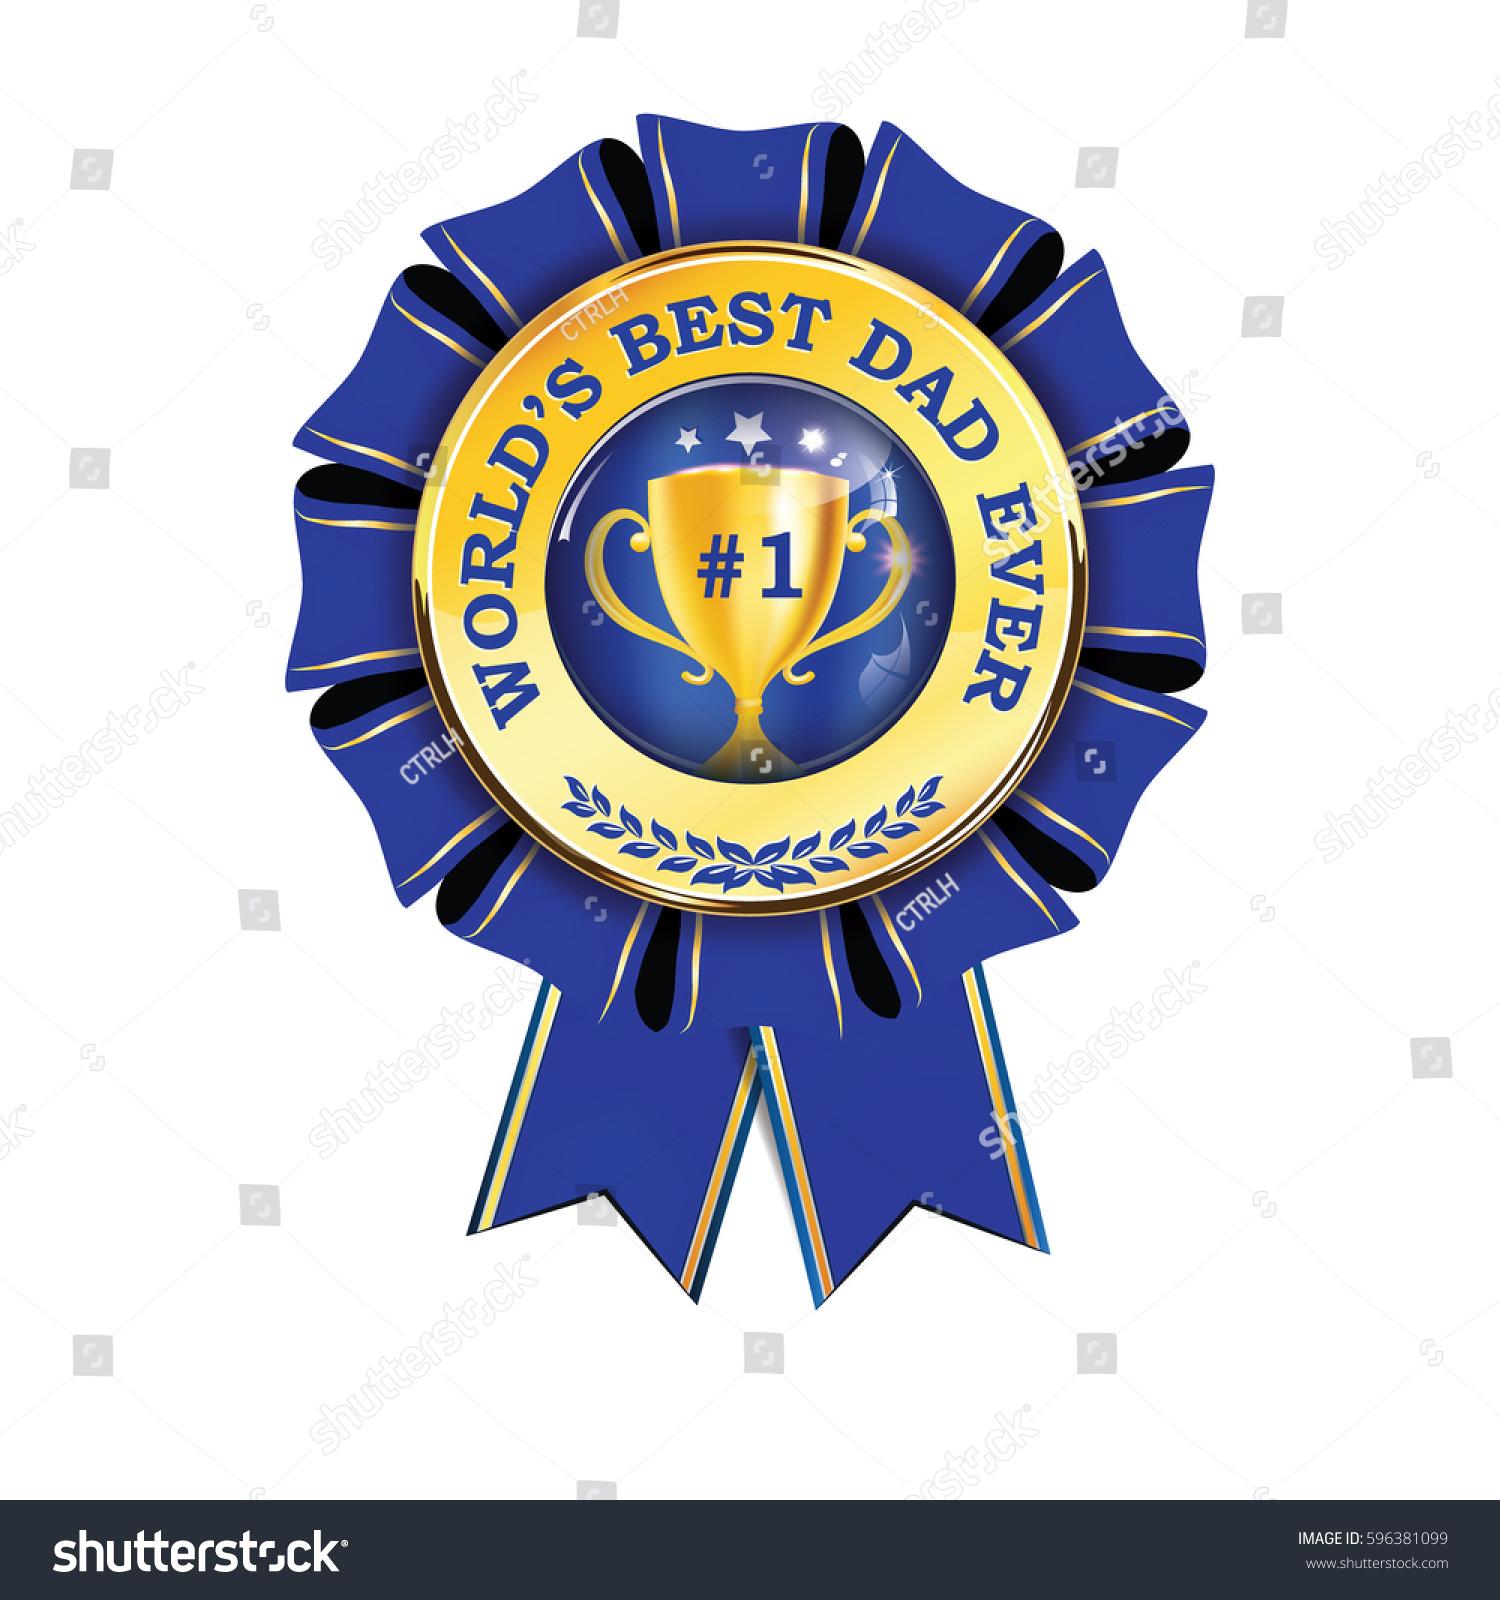 worlds best dad ever printable award vector de stock libre de